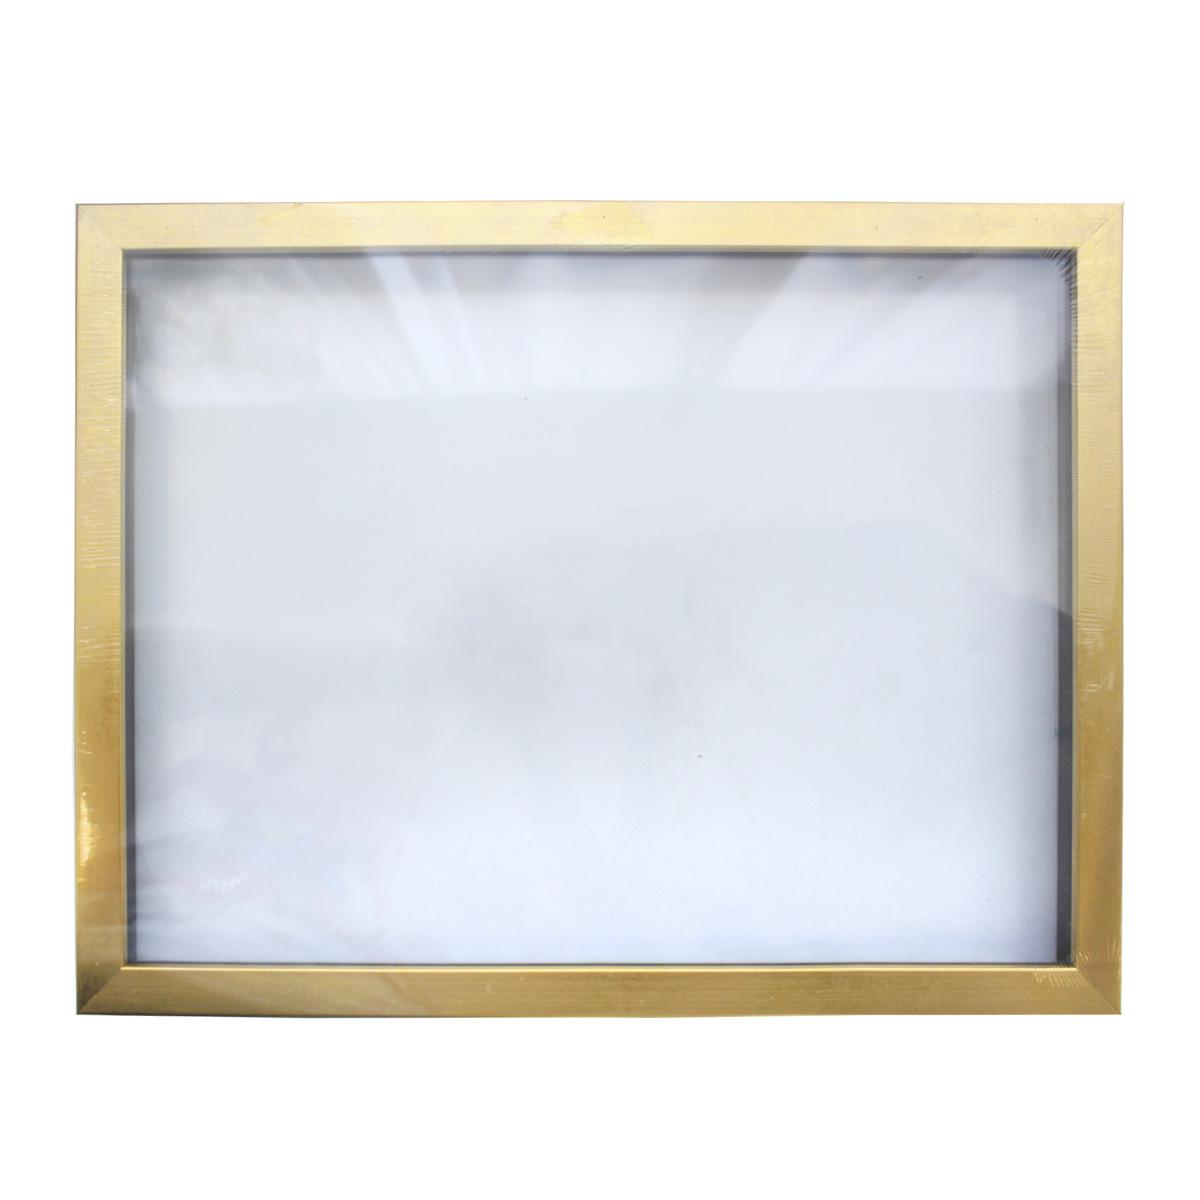 Рама (аквариум) глубокий багет со стеклом с прозрачным дном, цвет: матовое золото, 30х40 см. RAM1110201023046Рамы предназначены для оформления картин, фотографий. Обрамленные такой рамкой работы, сразу же преображаются и приобретают завершенный вид.